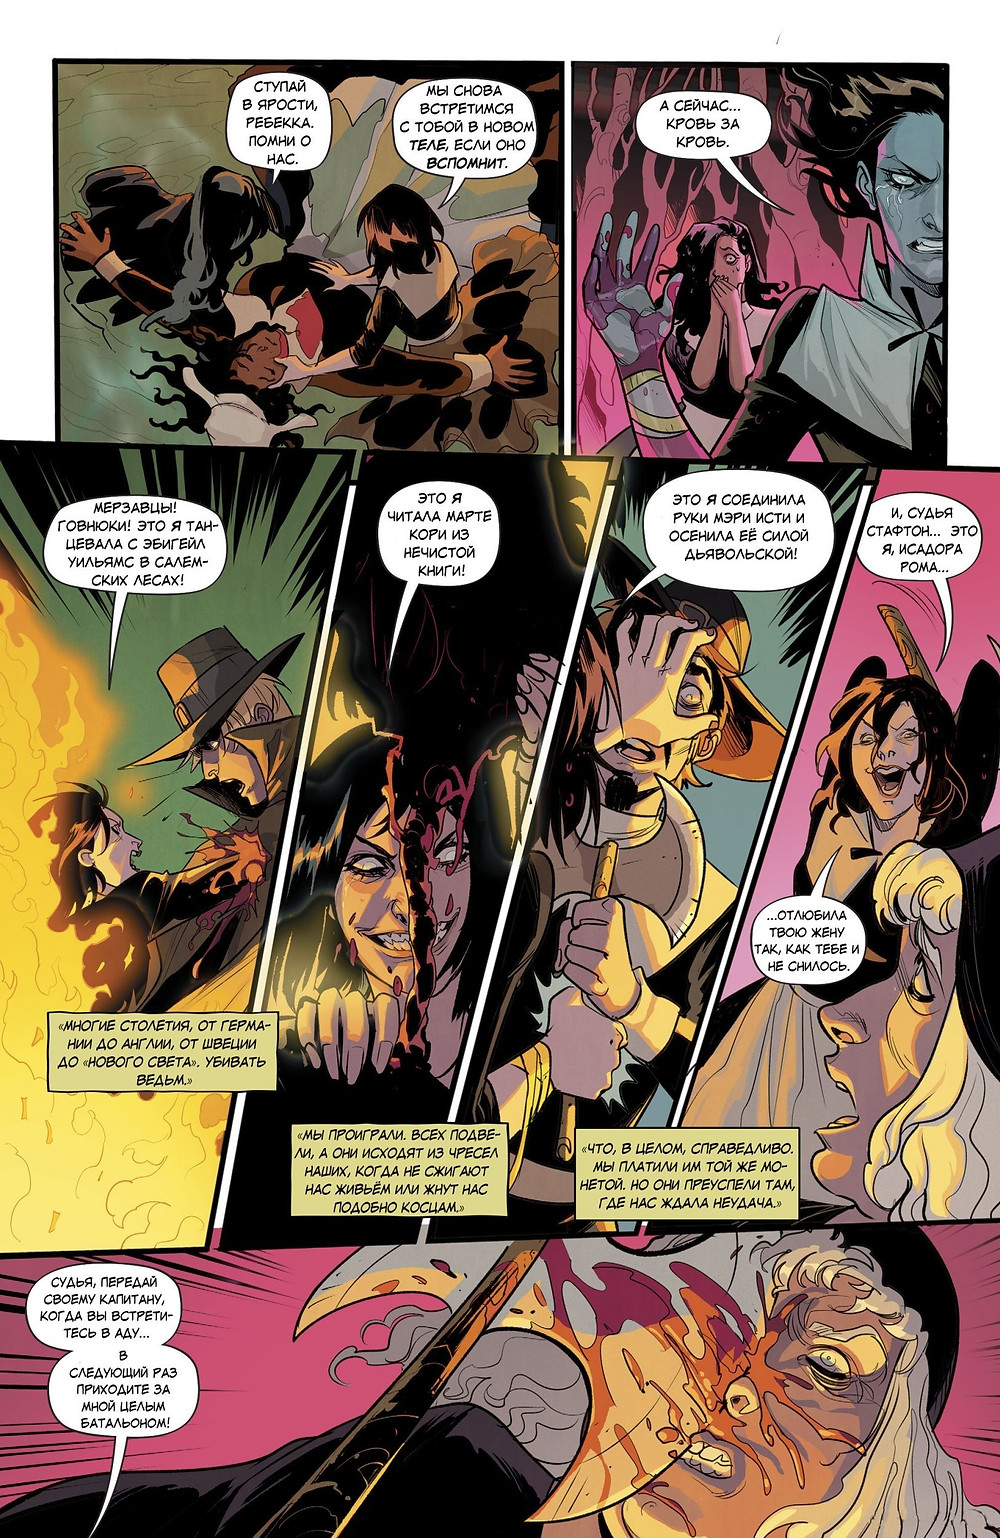 """Фантастический комикс о семейных отношениях """"Моя жена ведьма"""" Hex Wives. Страница 3"""